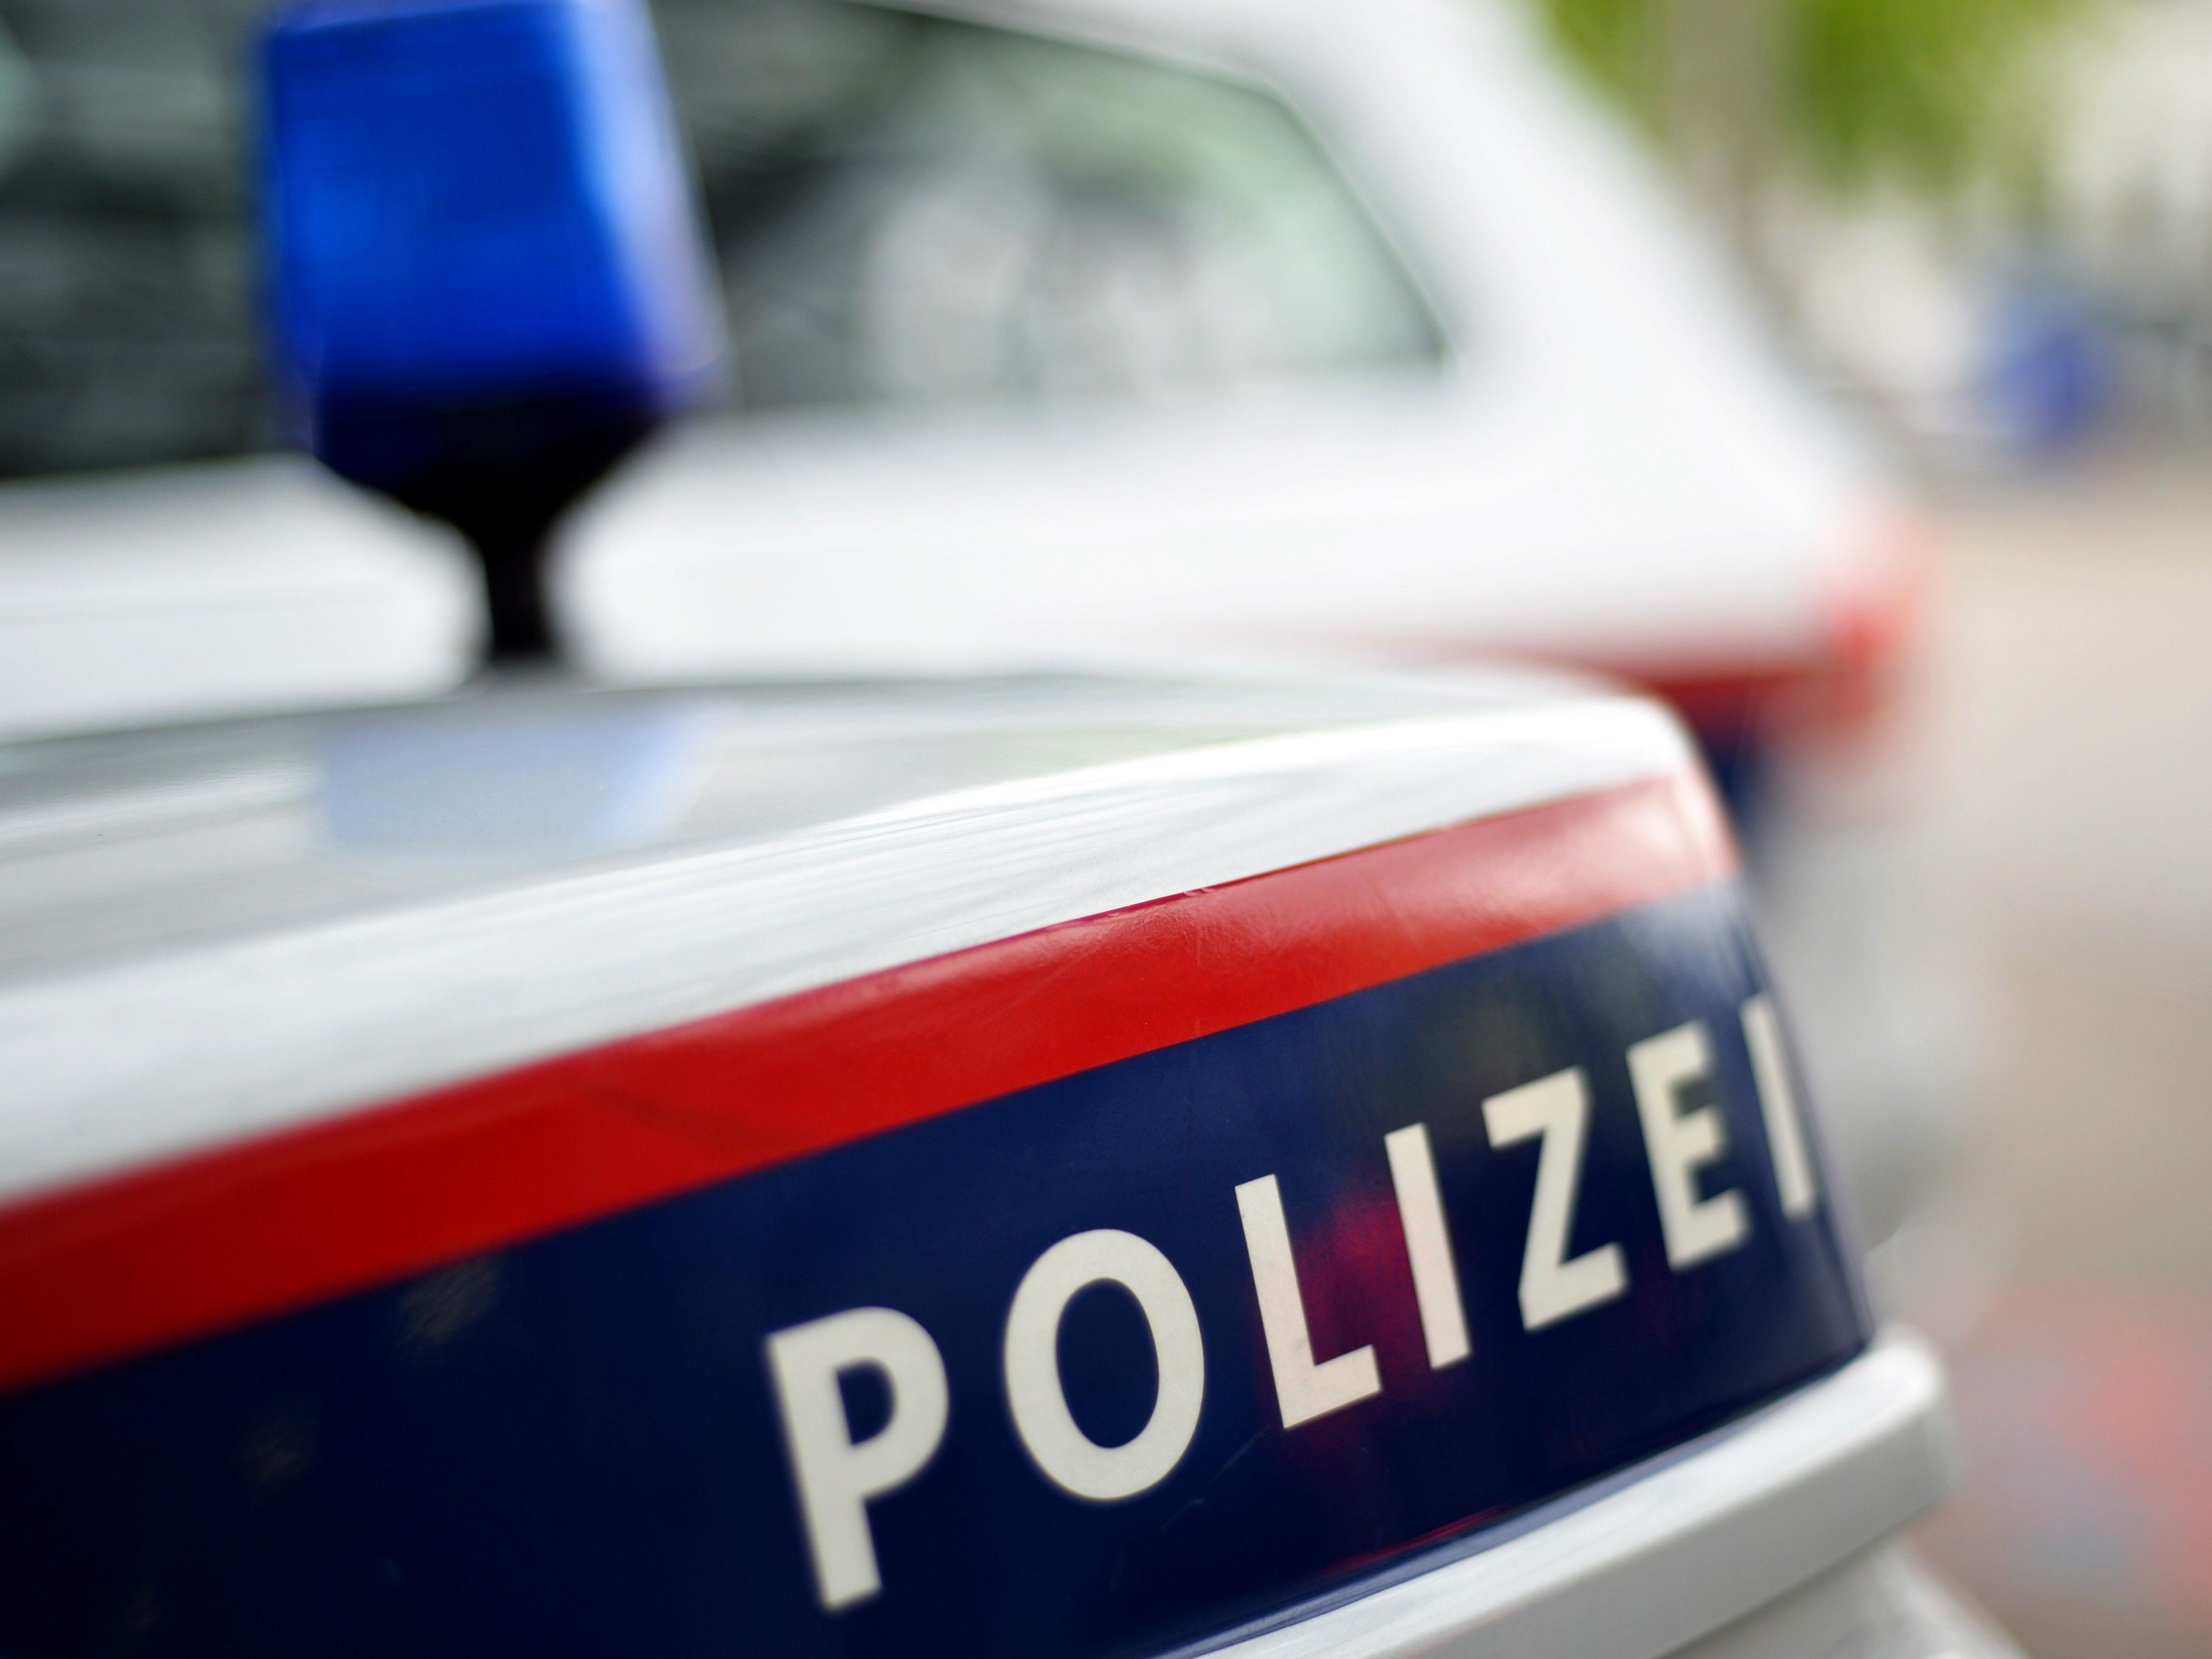 Laut Polizei war der Unfalllenker alkoholisiert.